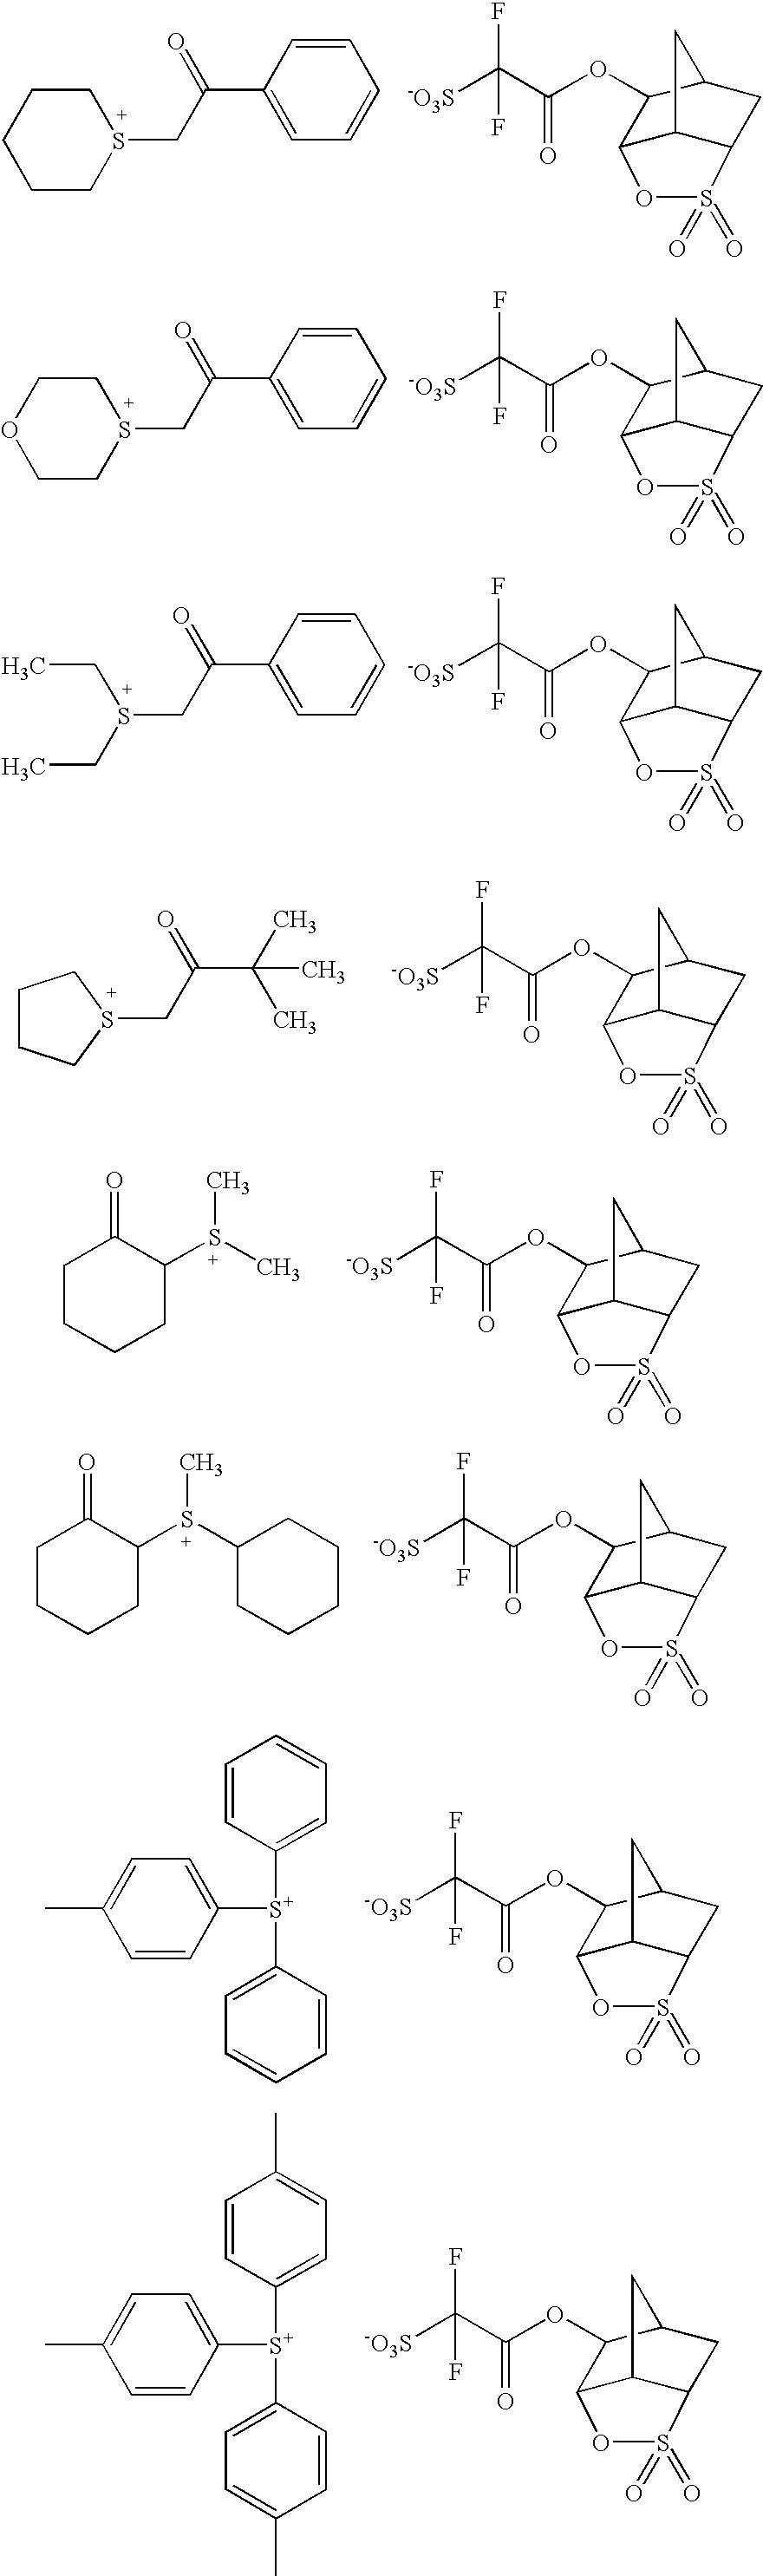 Figure US20100323296A1-20101223-C00157